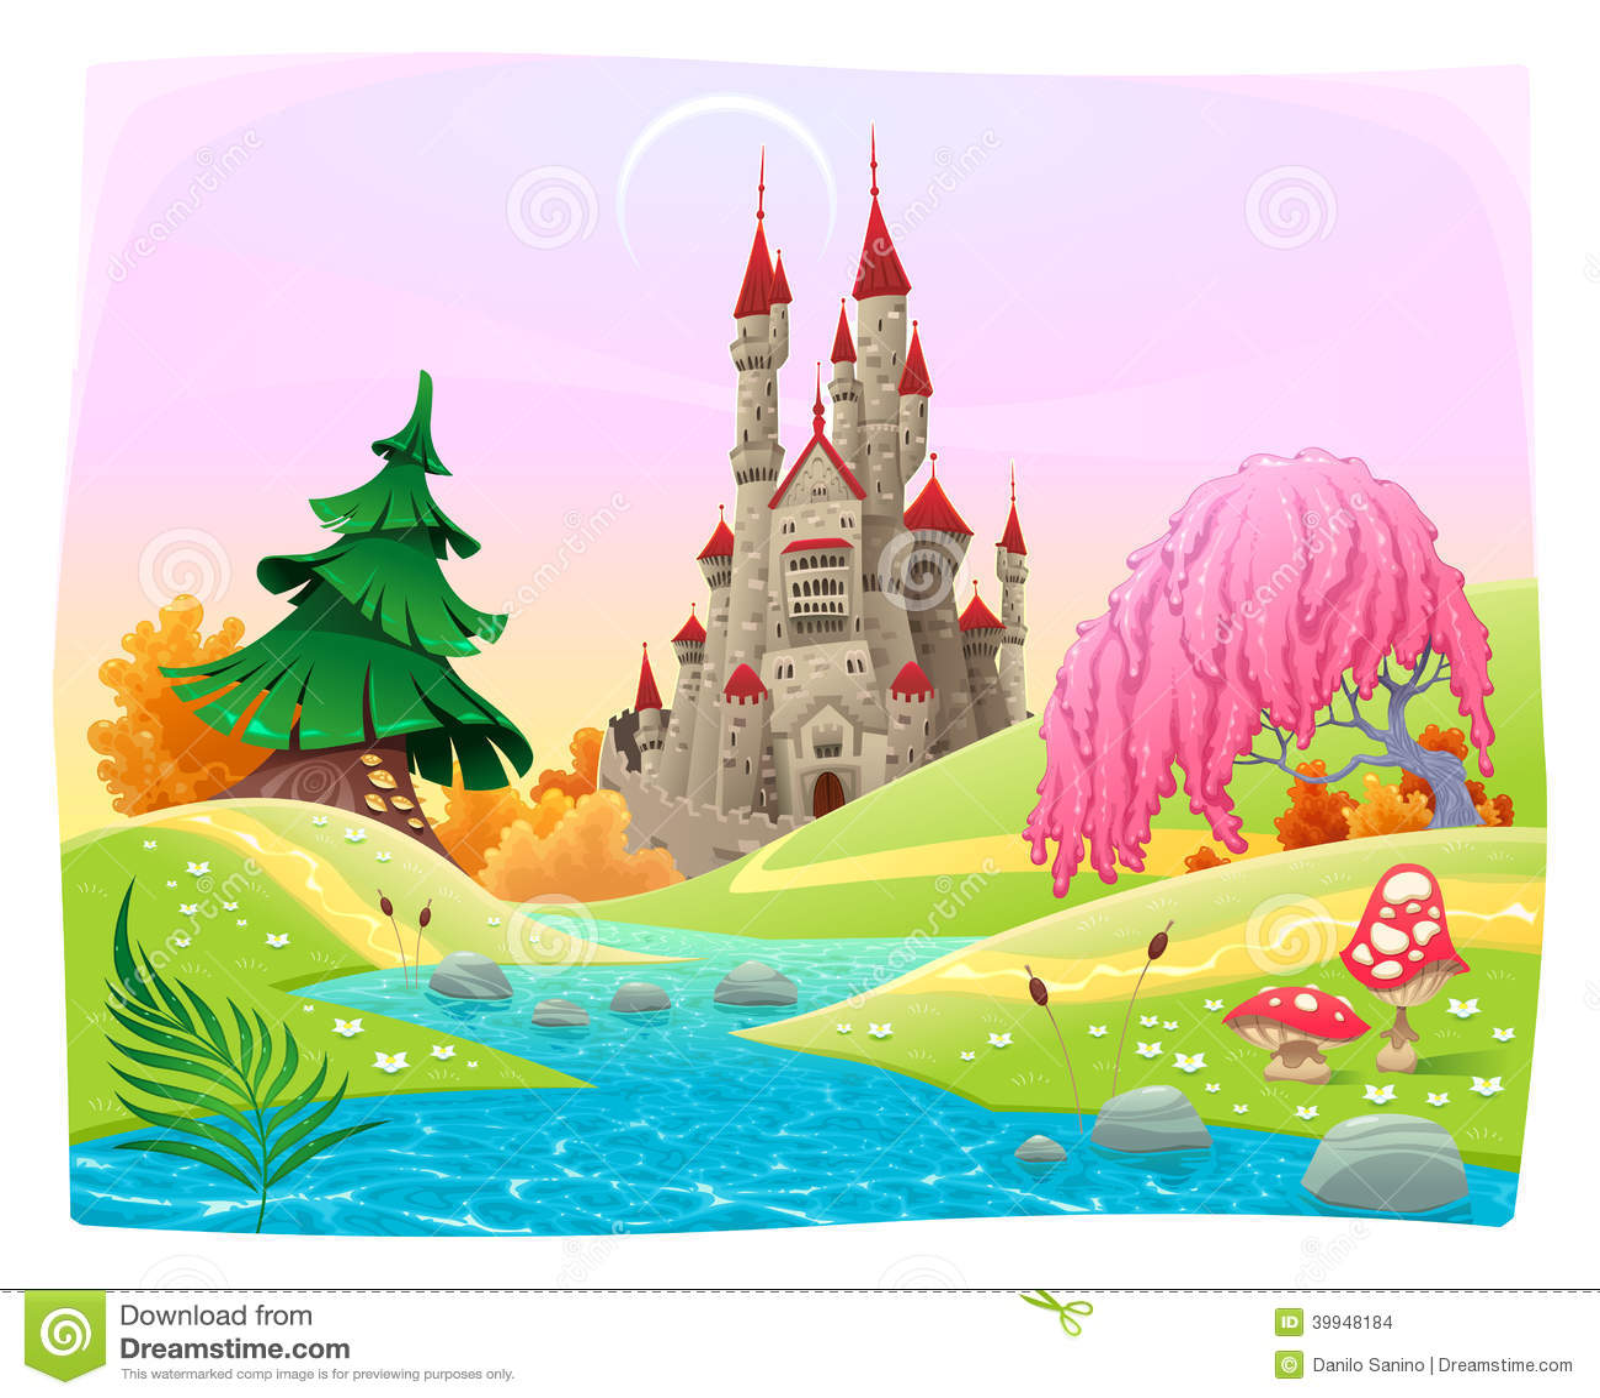 Mythological Landscape With Medieval Castle Stock Vector